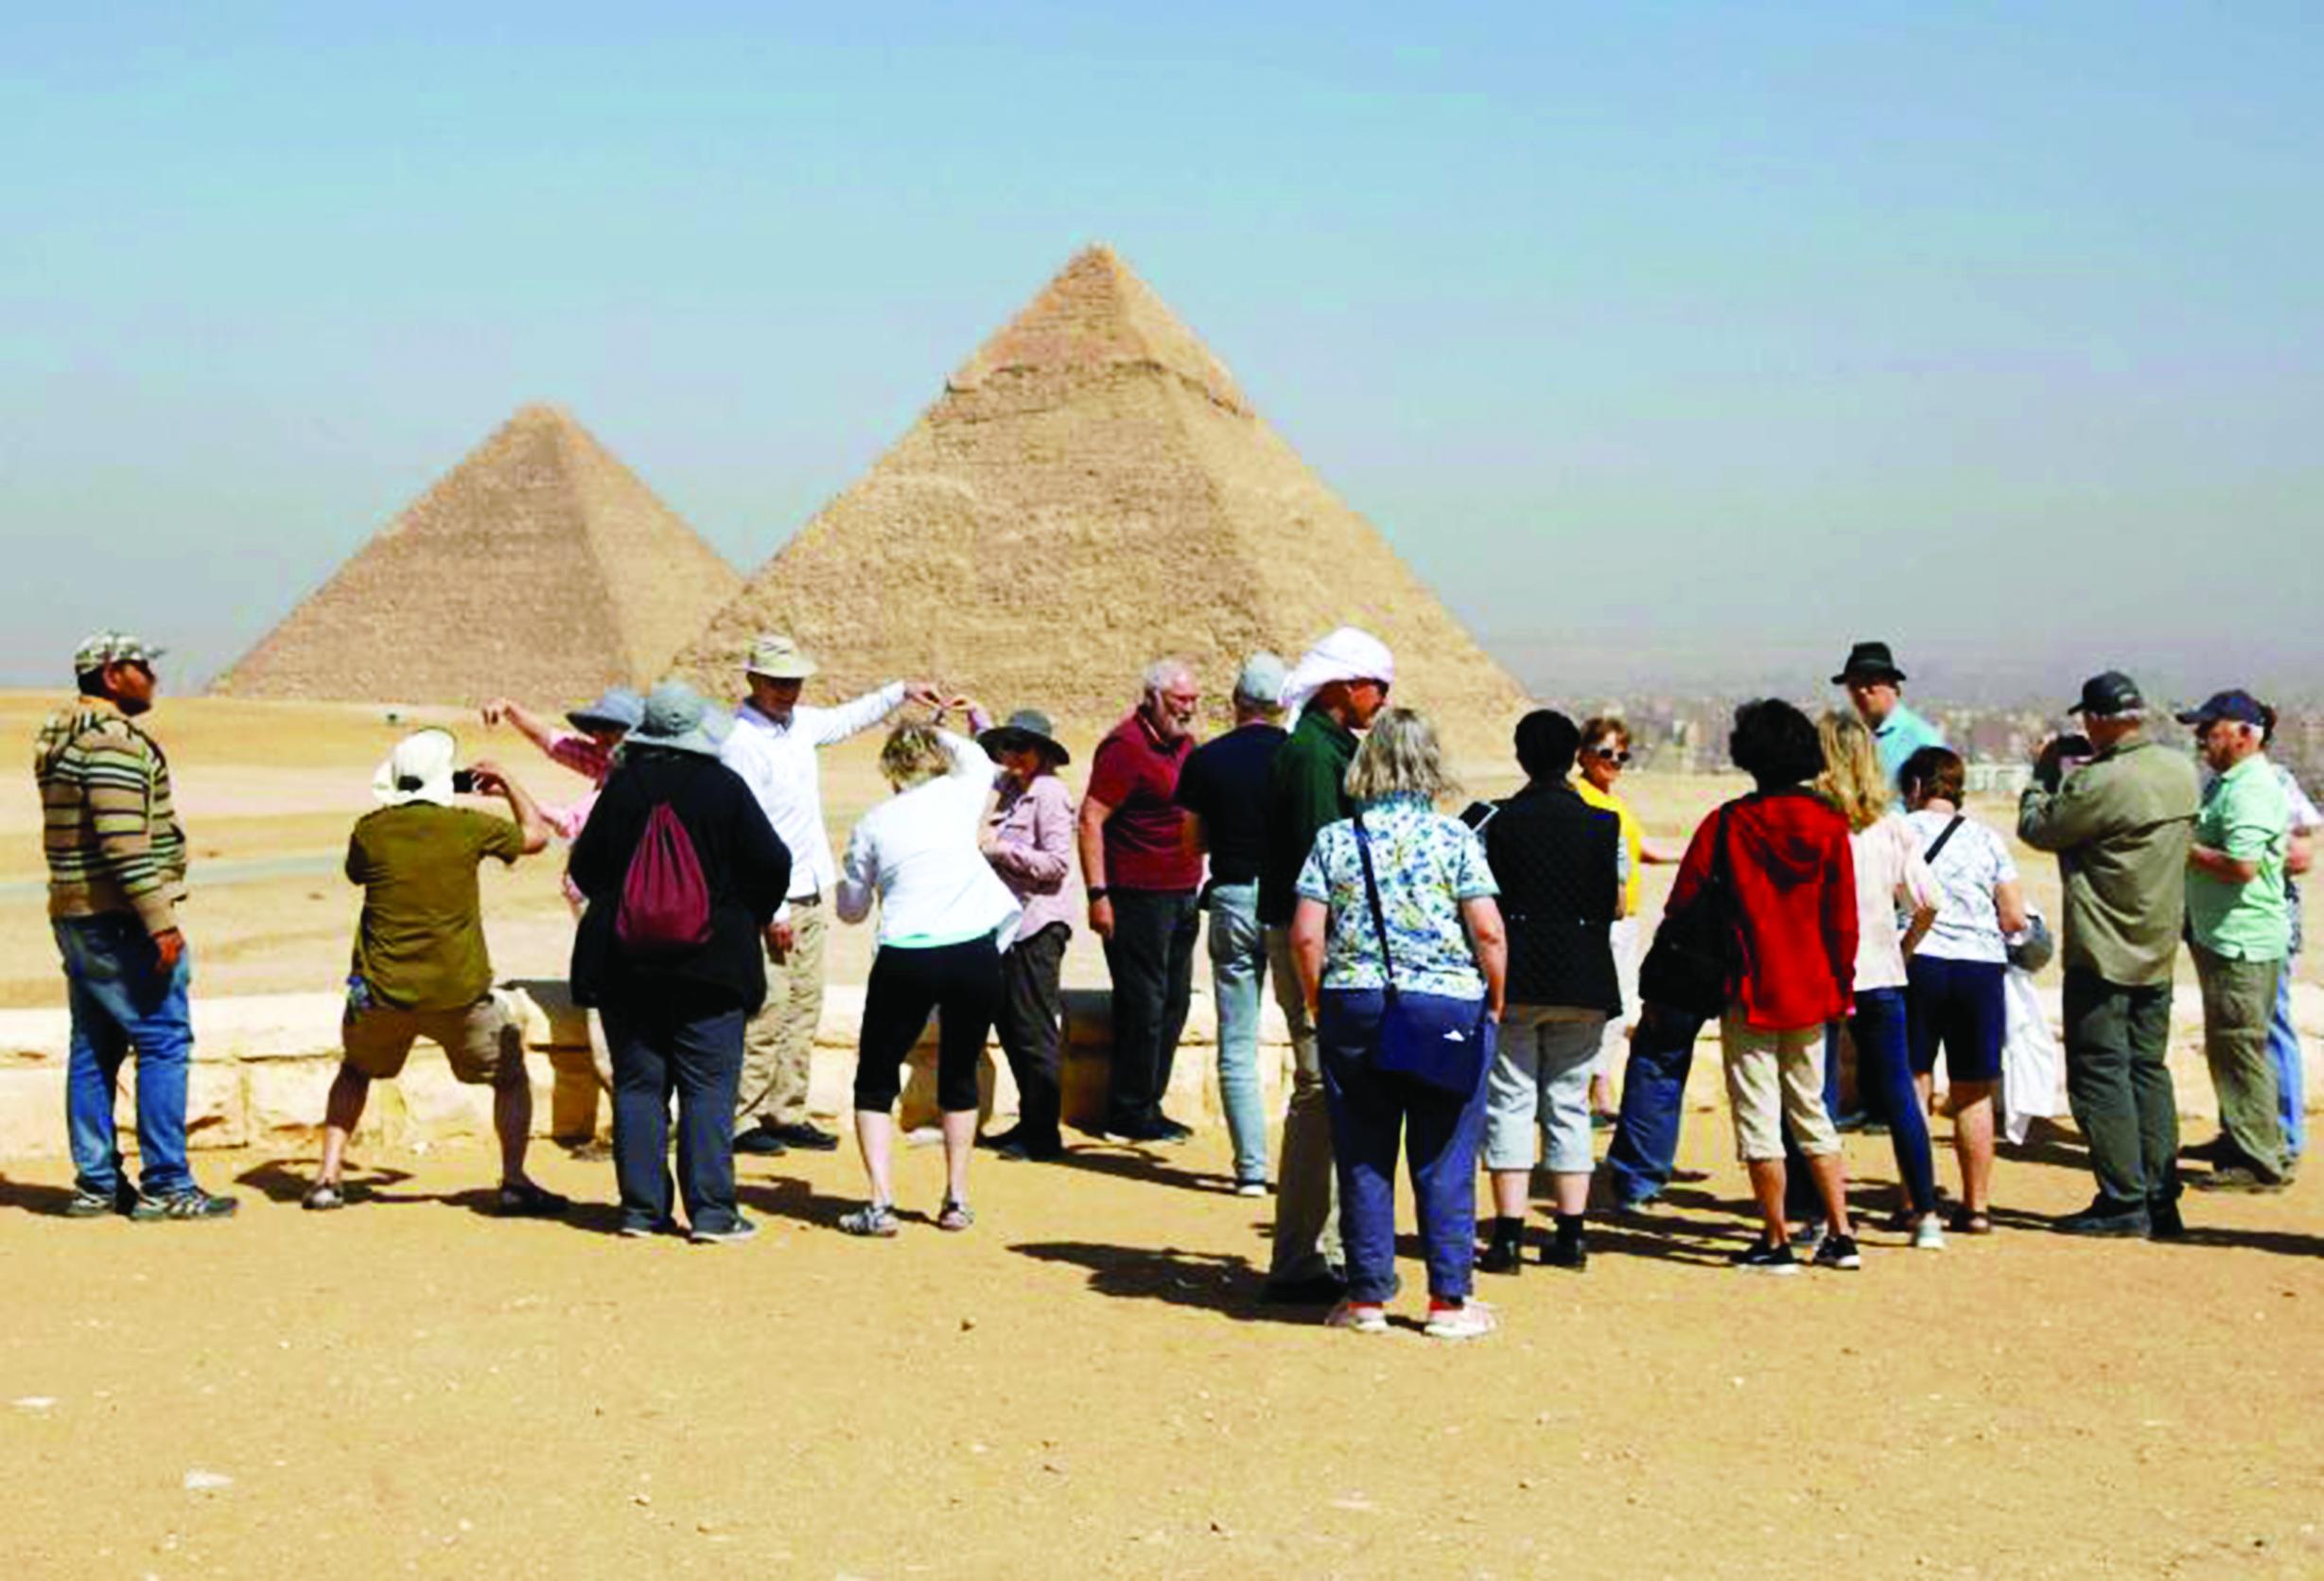 Go to Ne samo o jeziku: putujemo, sve turu po turu!